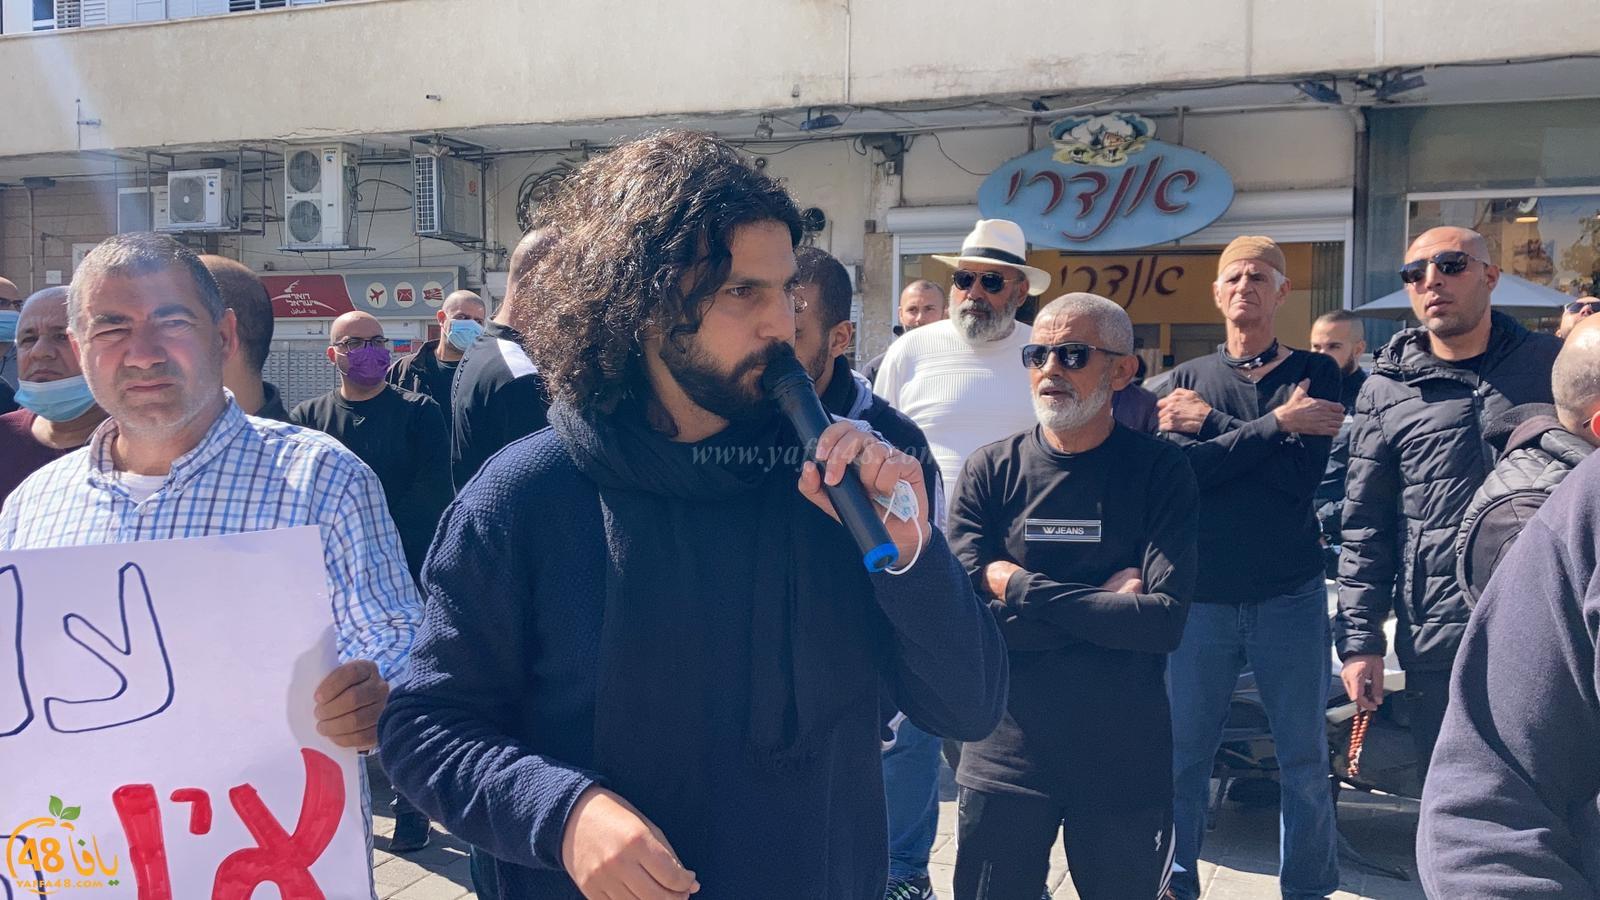 فيديو: أهالي يافا في تظاهرة احتجاجية ضد شركة عميدار ومخططاتها